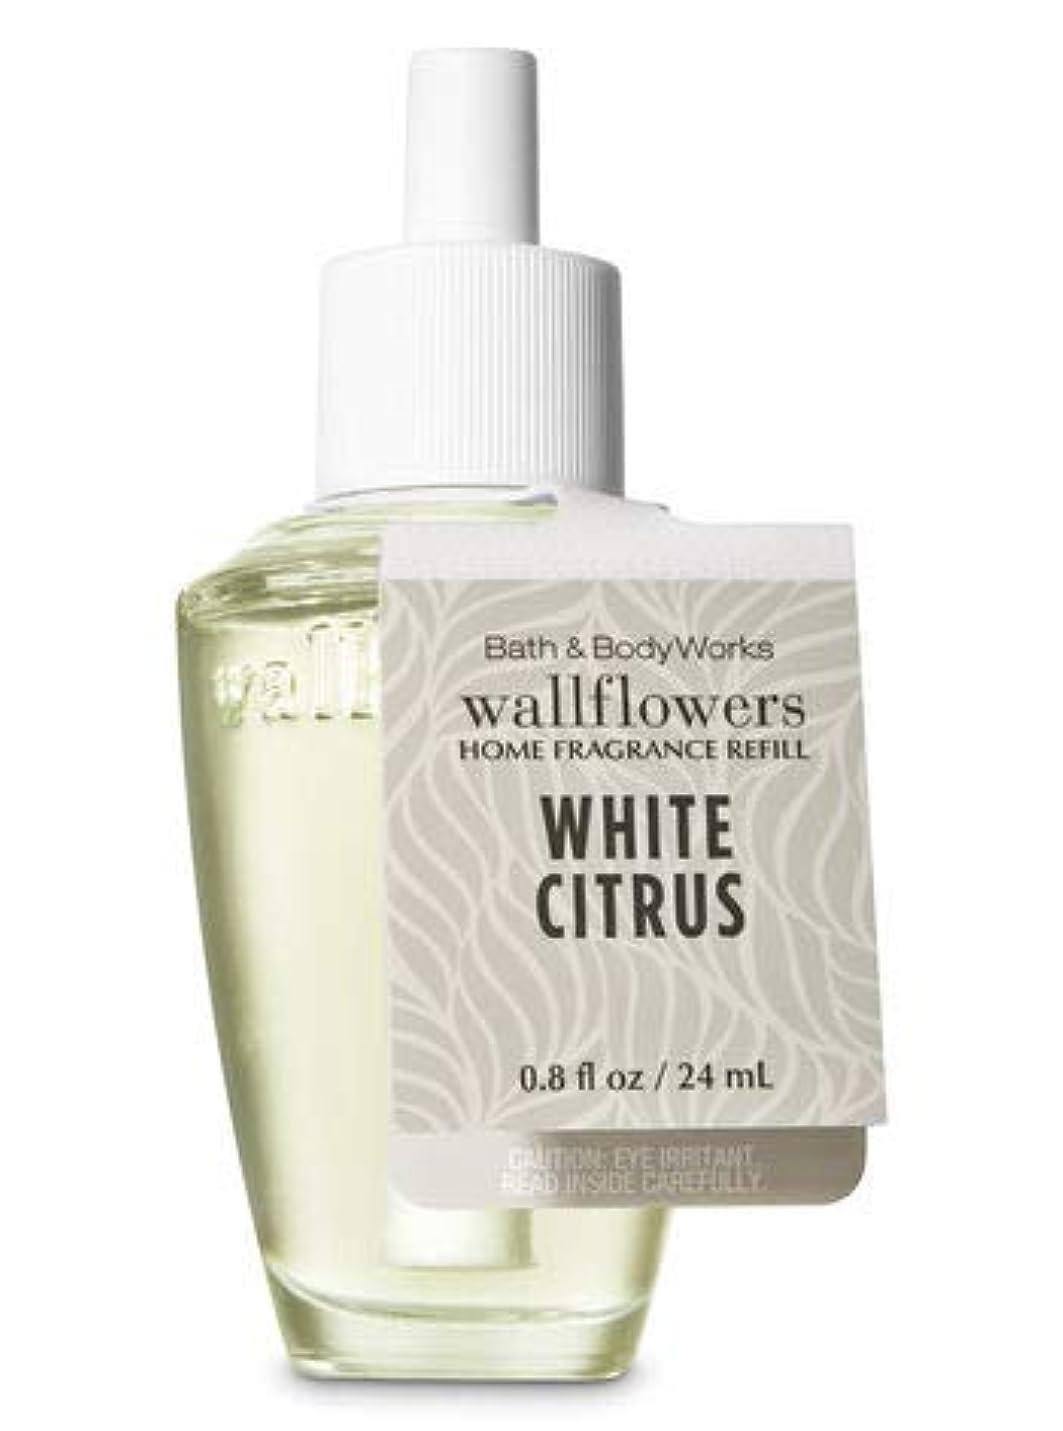 ドキュメンタリー花弁クルー【Bath&Body Works/バス&ボディワークス】 ルームフレグランス 詰替えリフィル ホワイトシトラス Wallflowers Home Fragrance Refill White Citrus [並行輸入品]